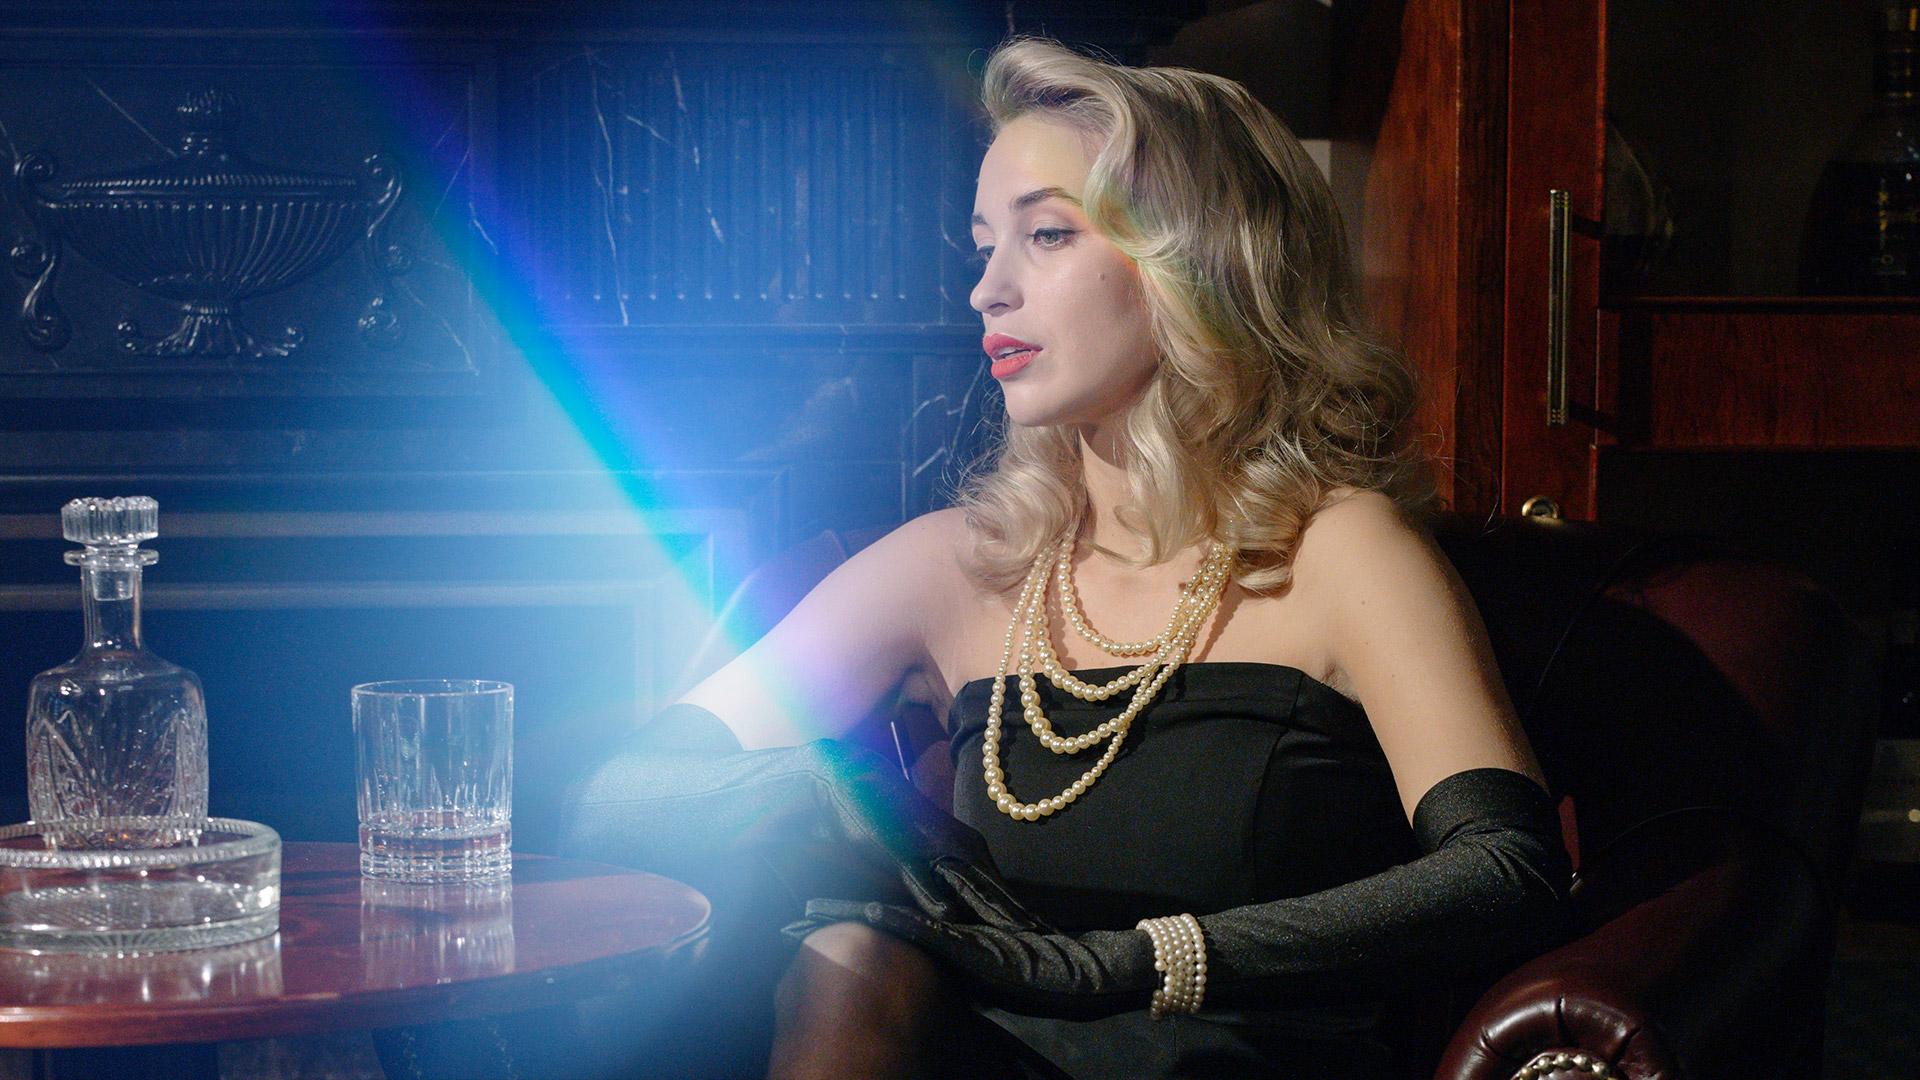 Frau mit Lichteffekt